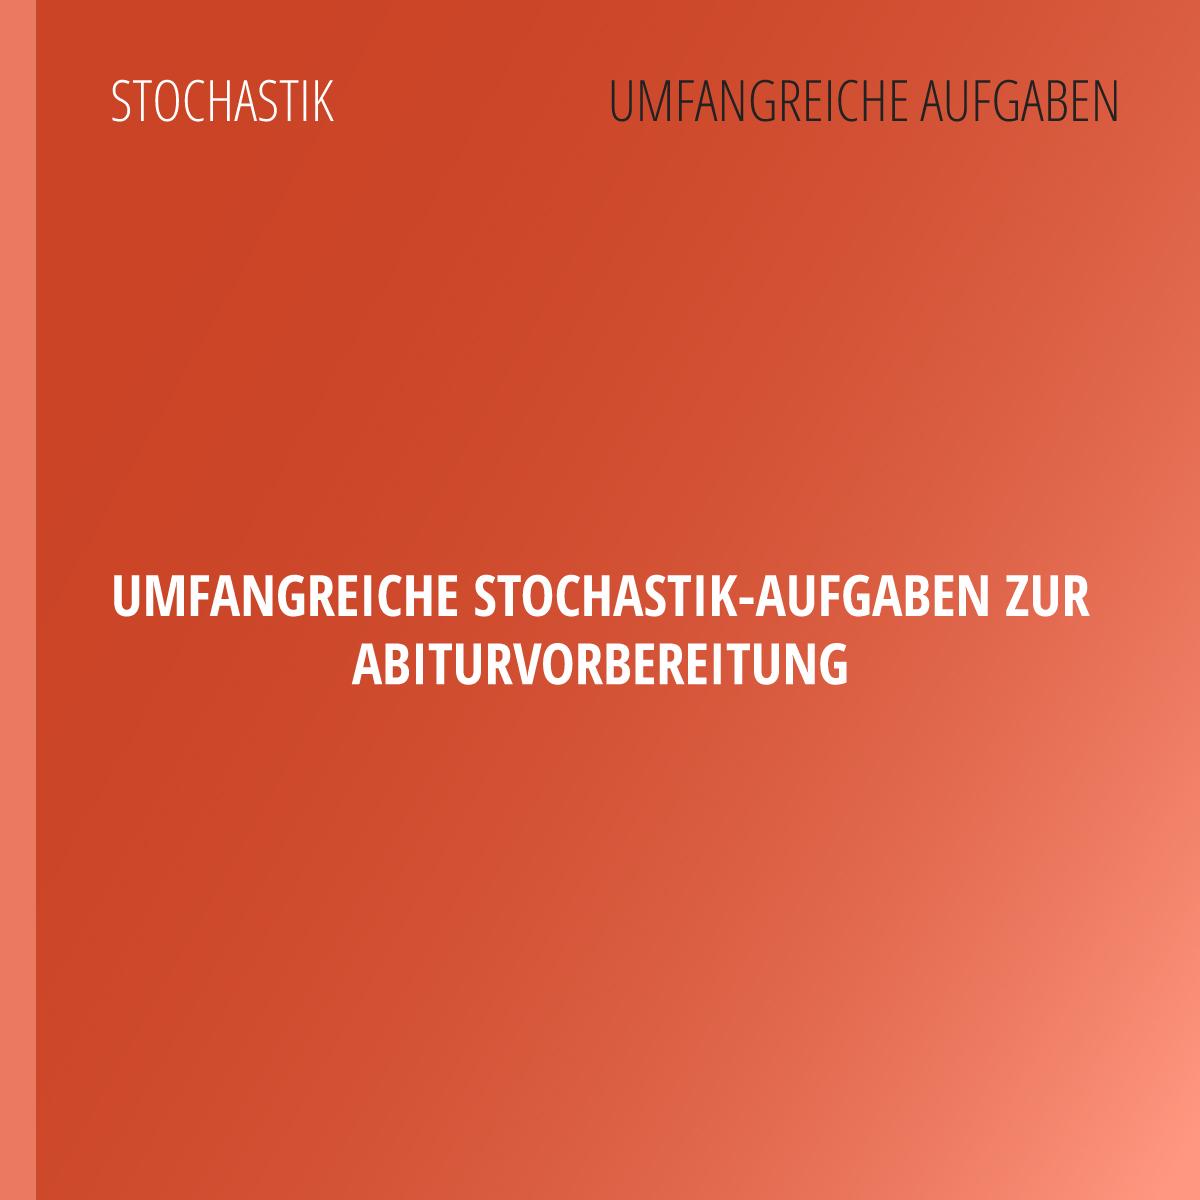 Umfangreiche Stochastik-Aufgaben zur Abiturvorbereitung | abiturma